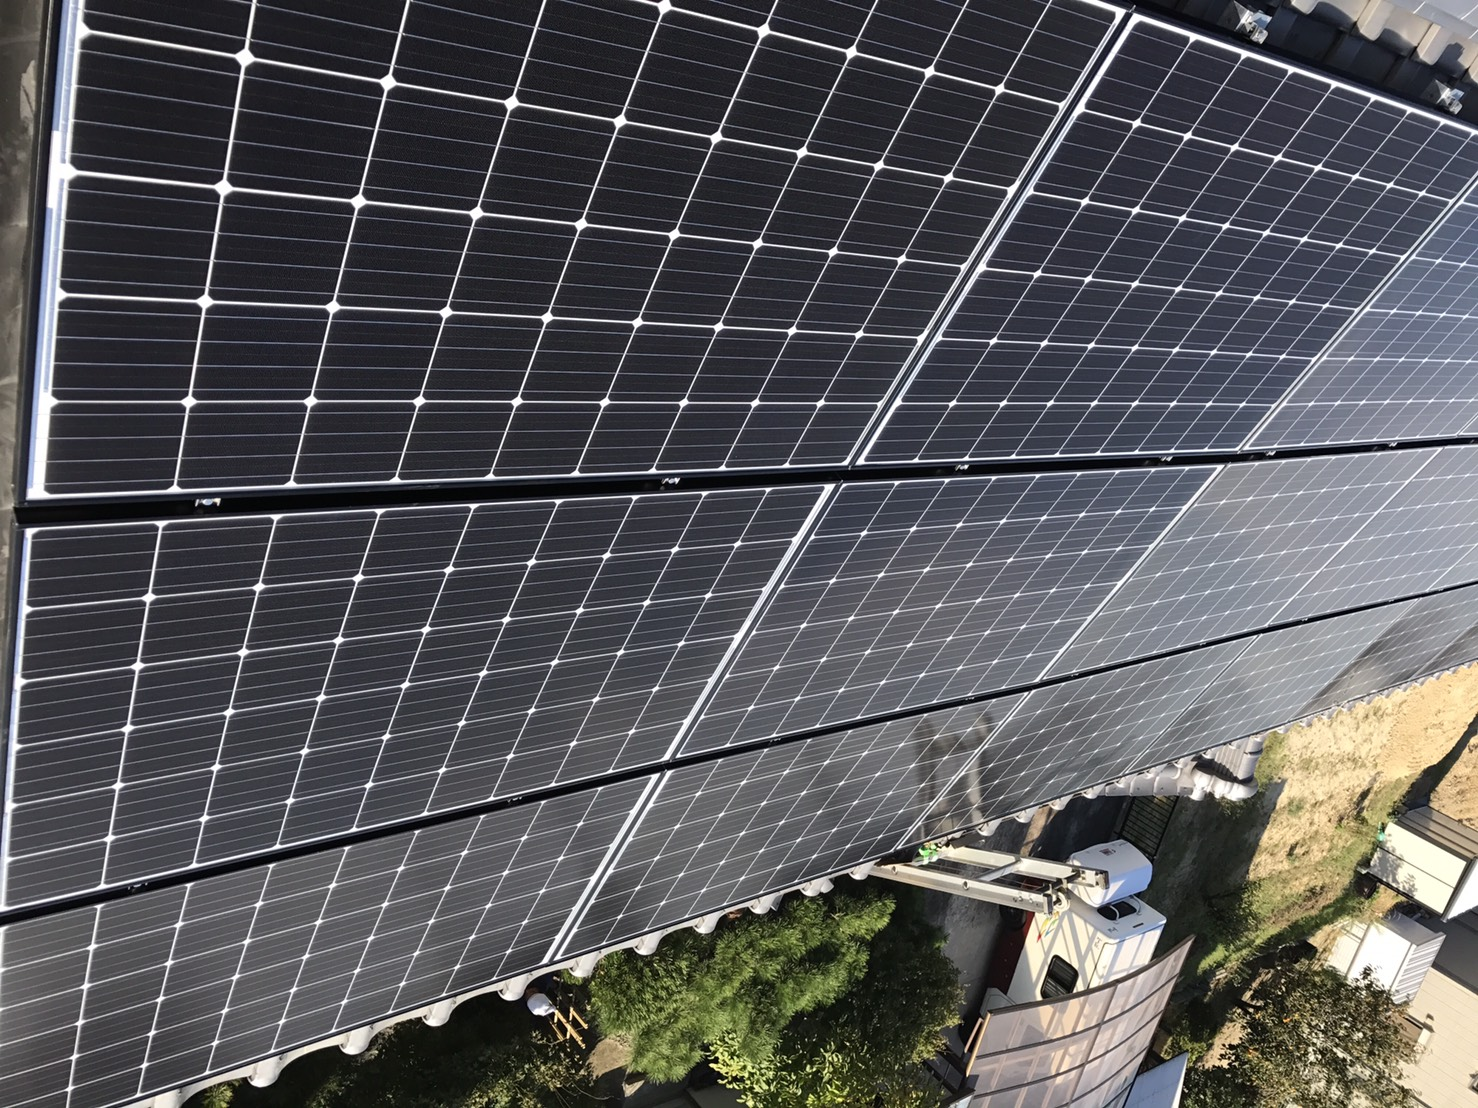 奈良県長州太陽光パネル 20枚CS-274B61施工後の写真